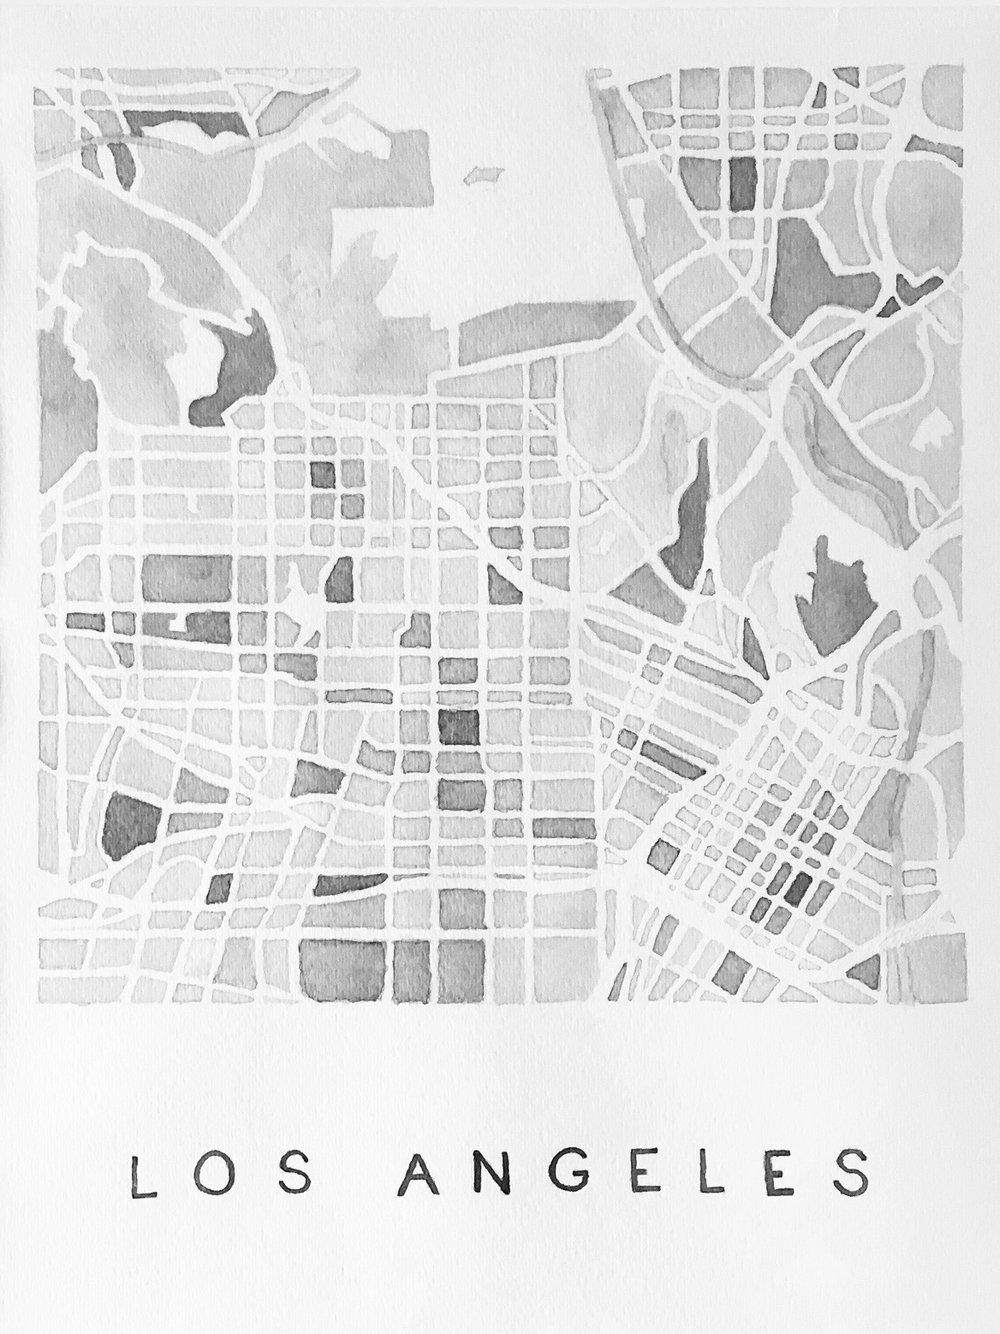 LA, Inkwash, 2015